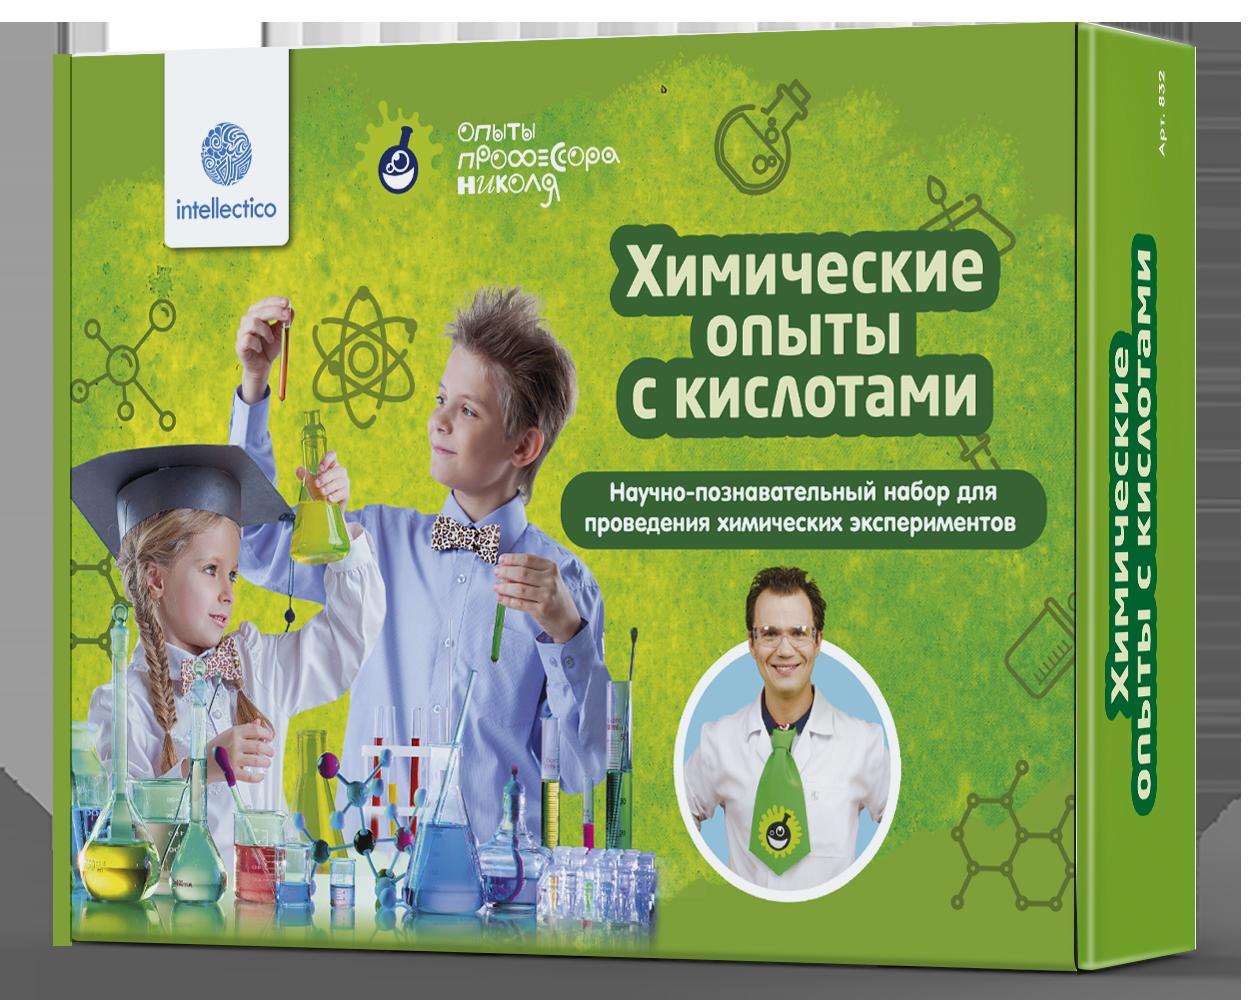 Химические опыты с кислотами